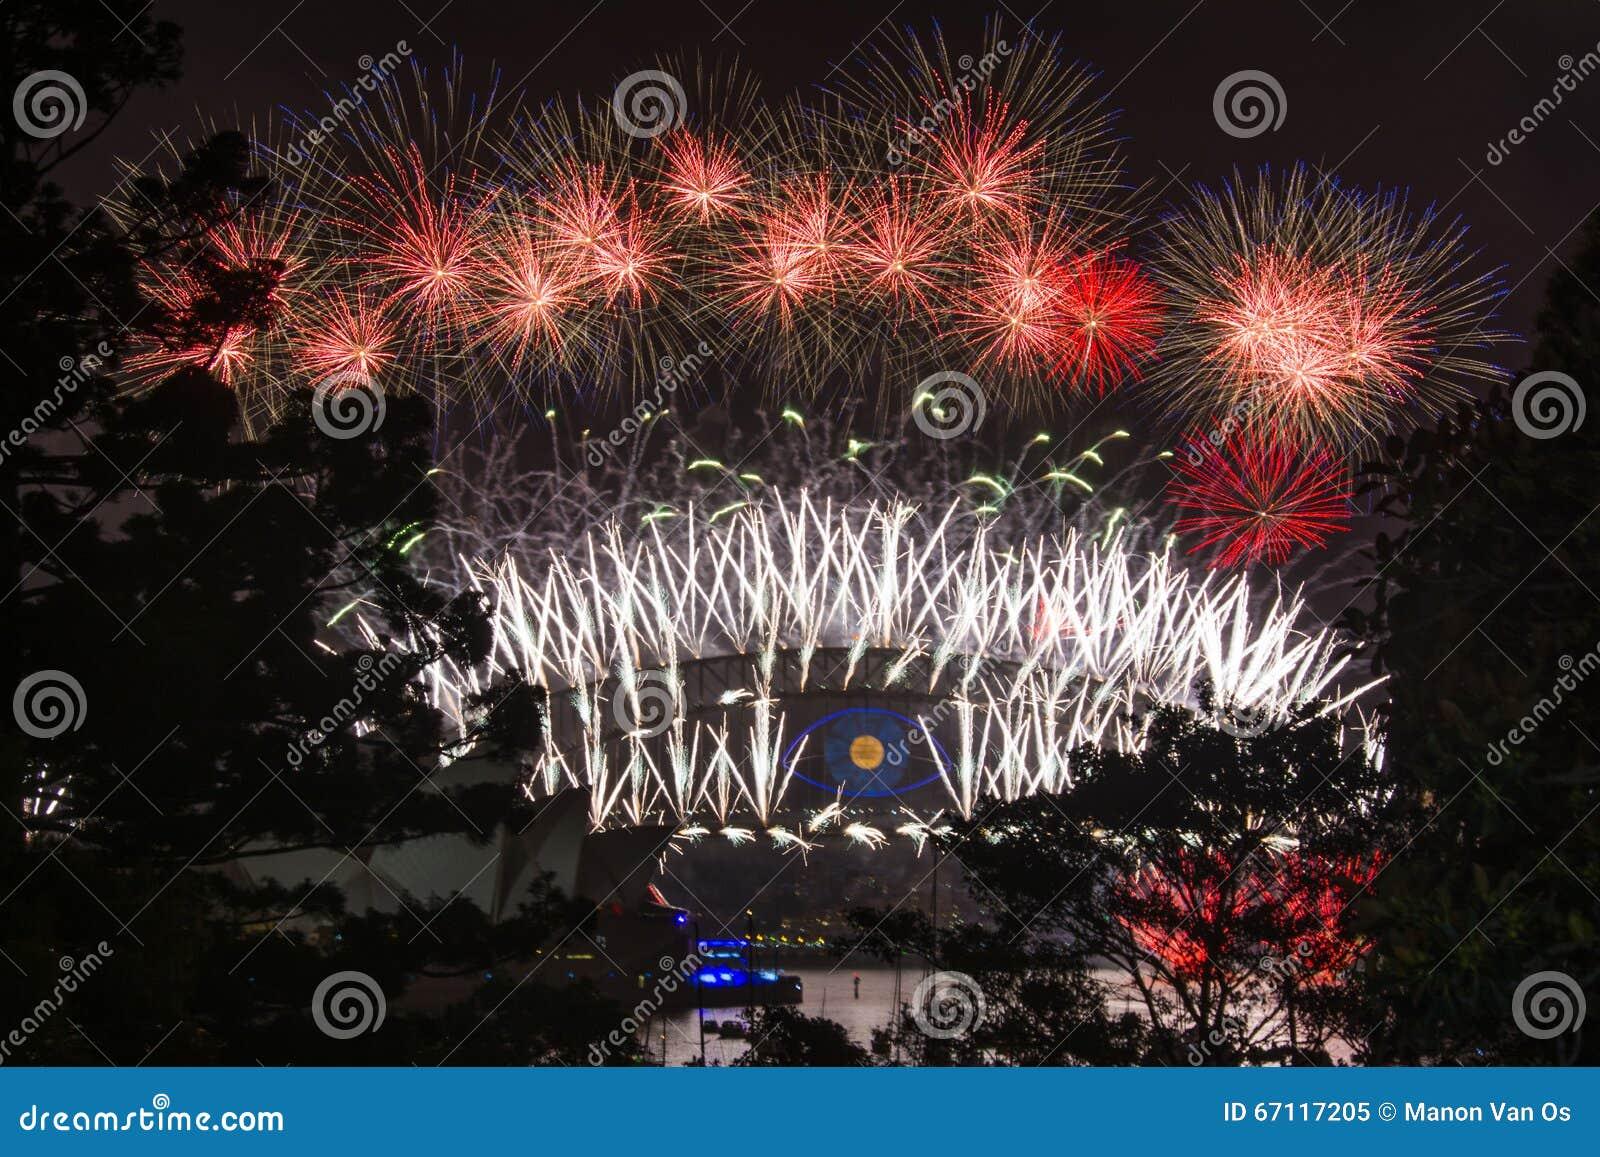 Sydney nowy rok wigilia 2013 - schronienie opera i most